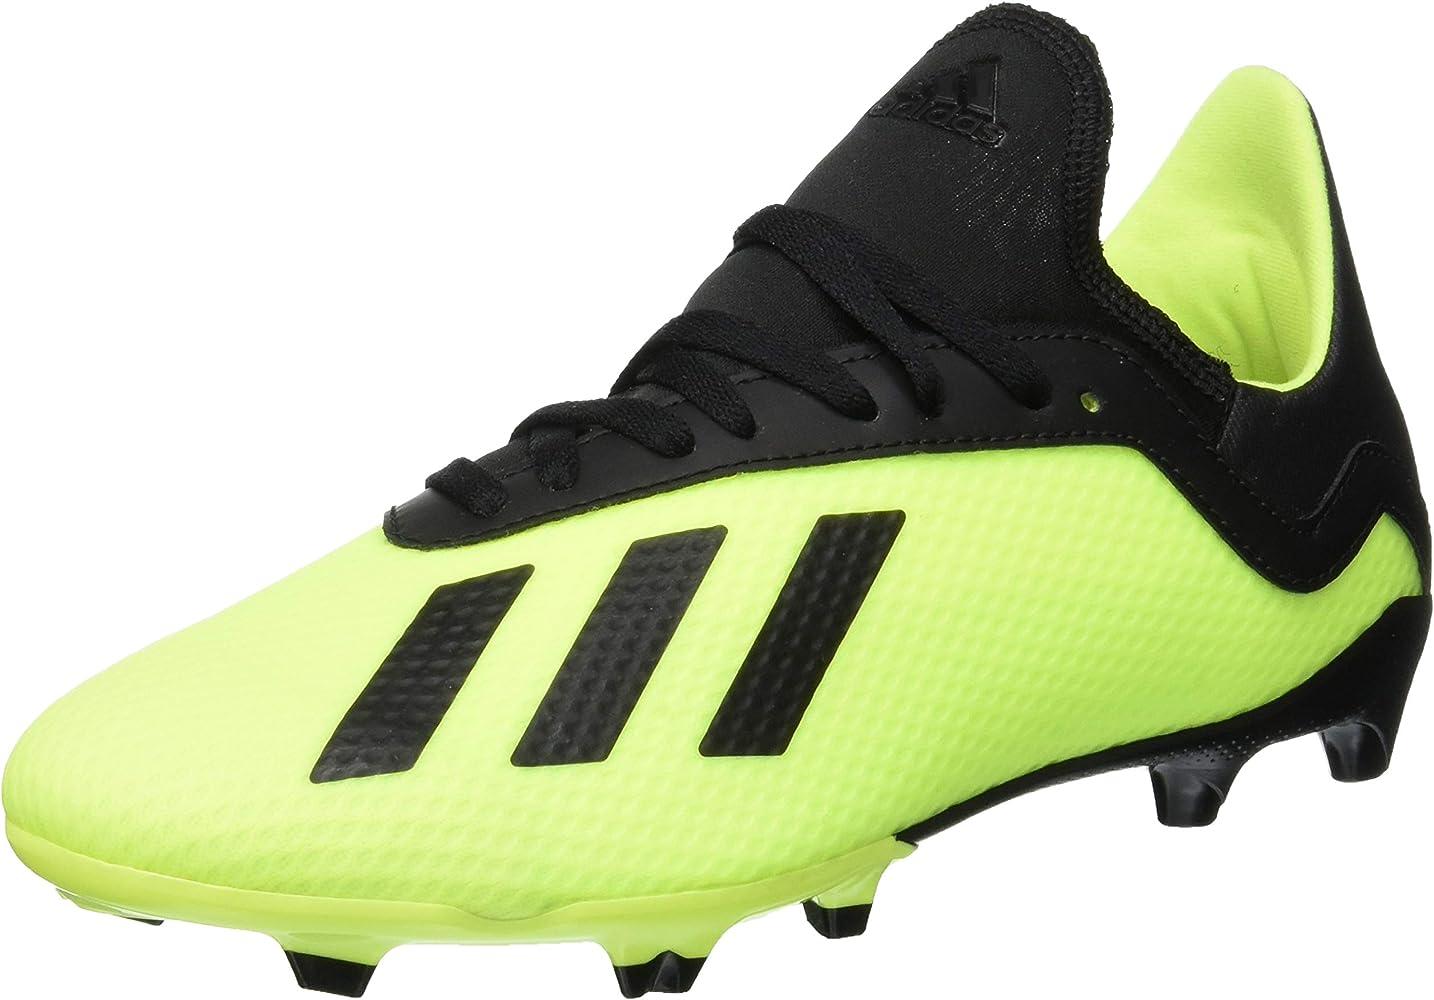 nuovo economico stili di moda marchio popolare adidas X 18.3 Fg J, Scarpe da Calcio Bambino, Giallo (Syello ...